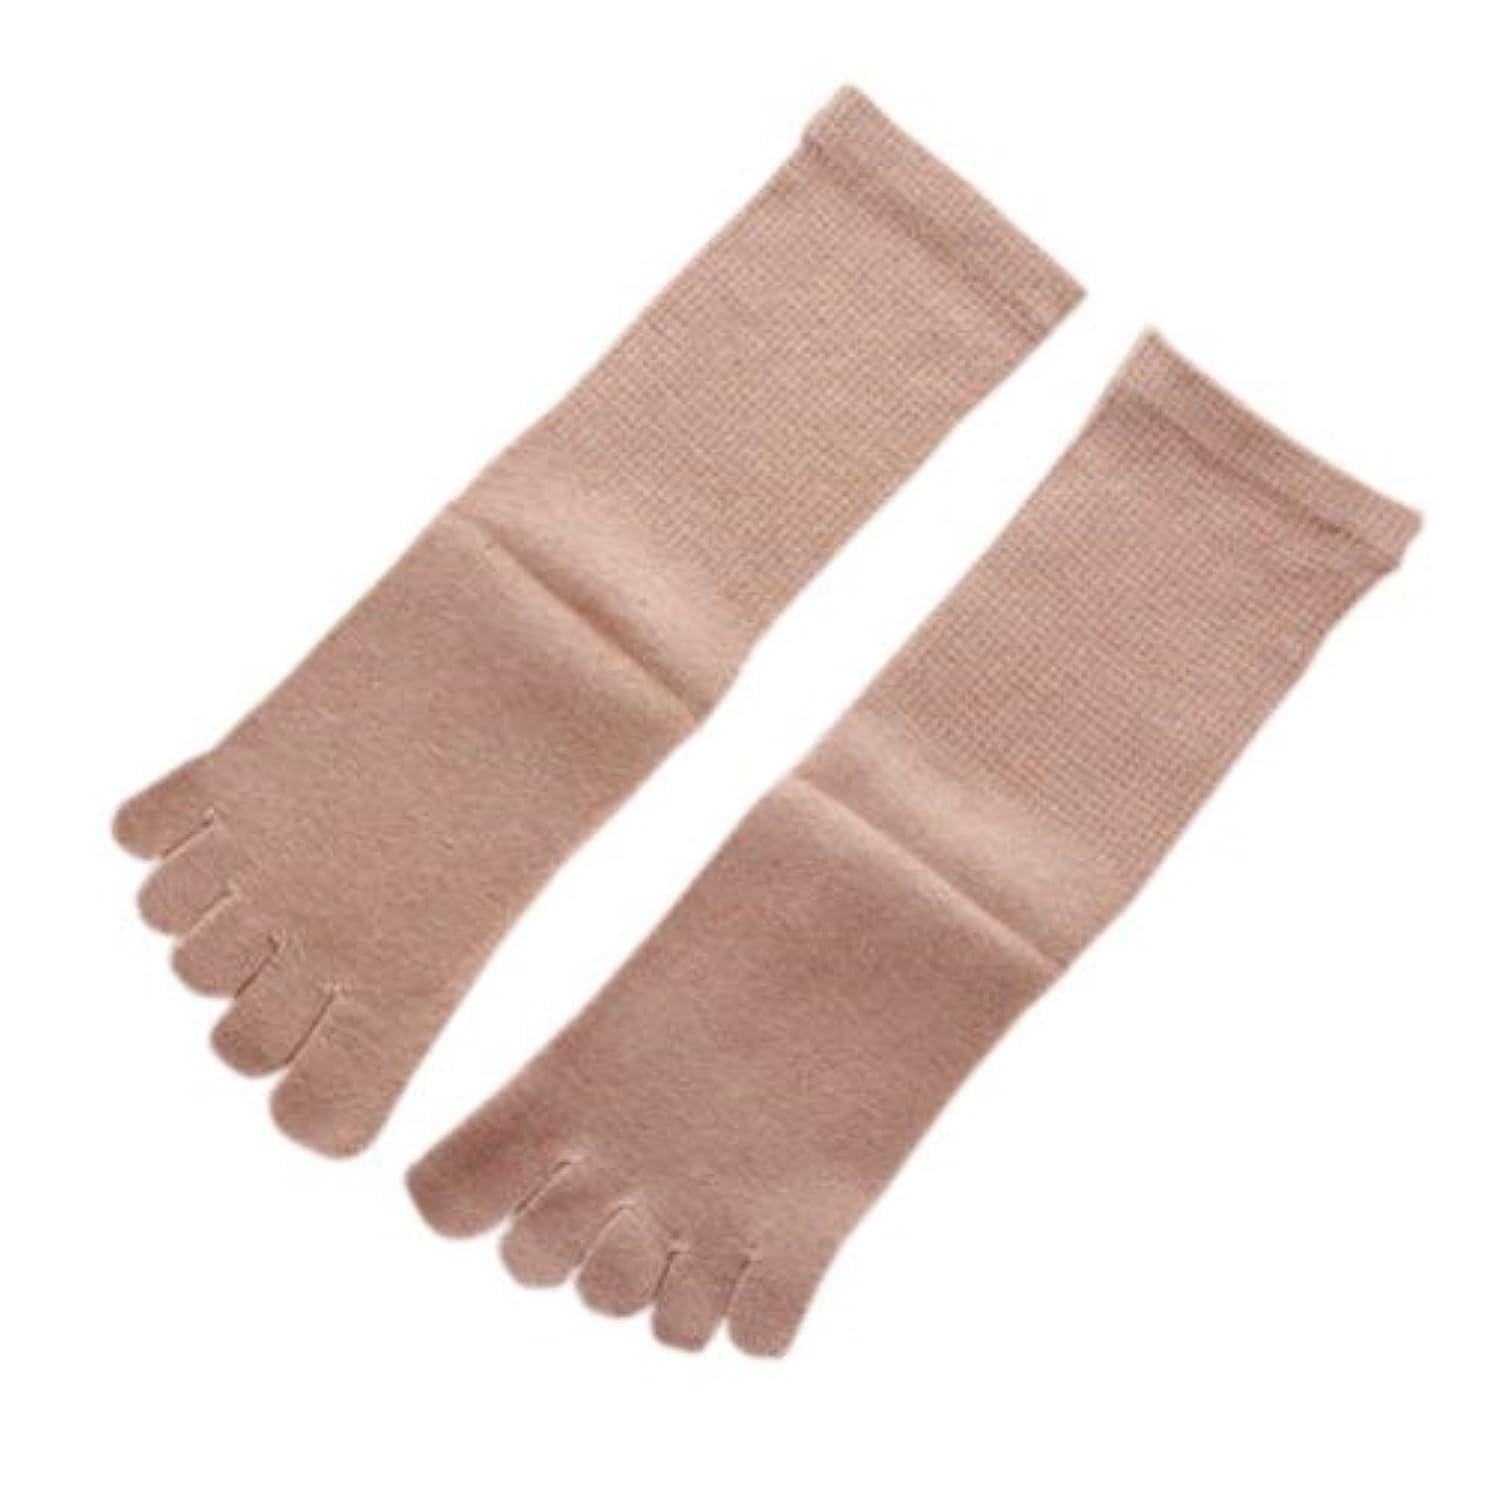 財産シャツコンテンポラリーオーガニックコットン 五本指ソックスシルク混L(25-27cm)ブラウン:履くだけで足のつぼをマッサージし、むくみや疲れを軽減します。